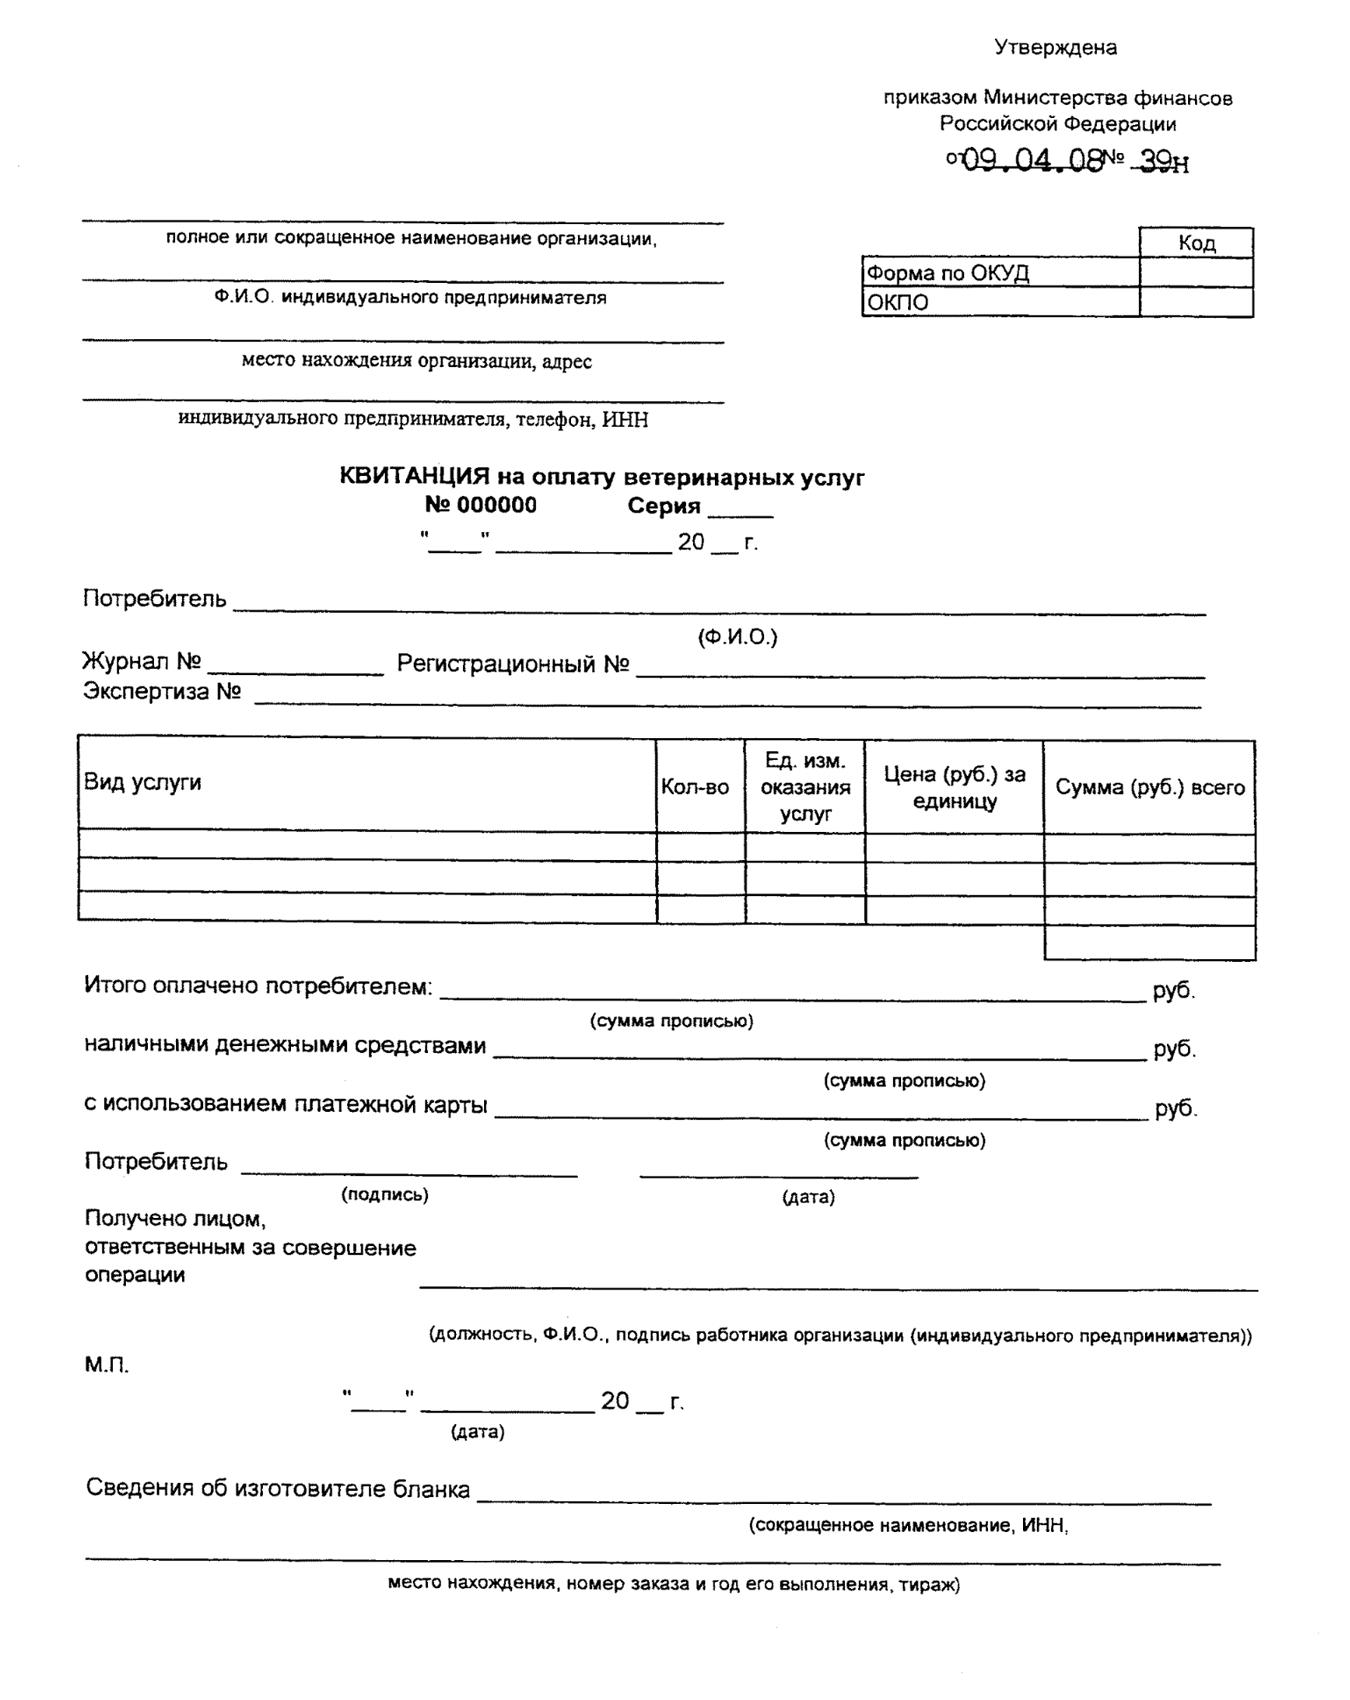 Тинькофф банк реквизиты для оплаты кредита